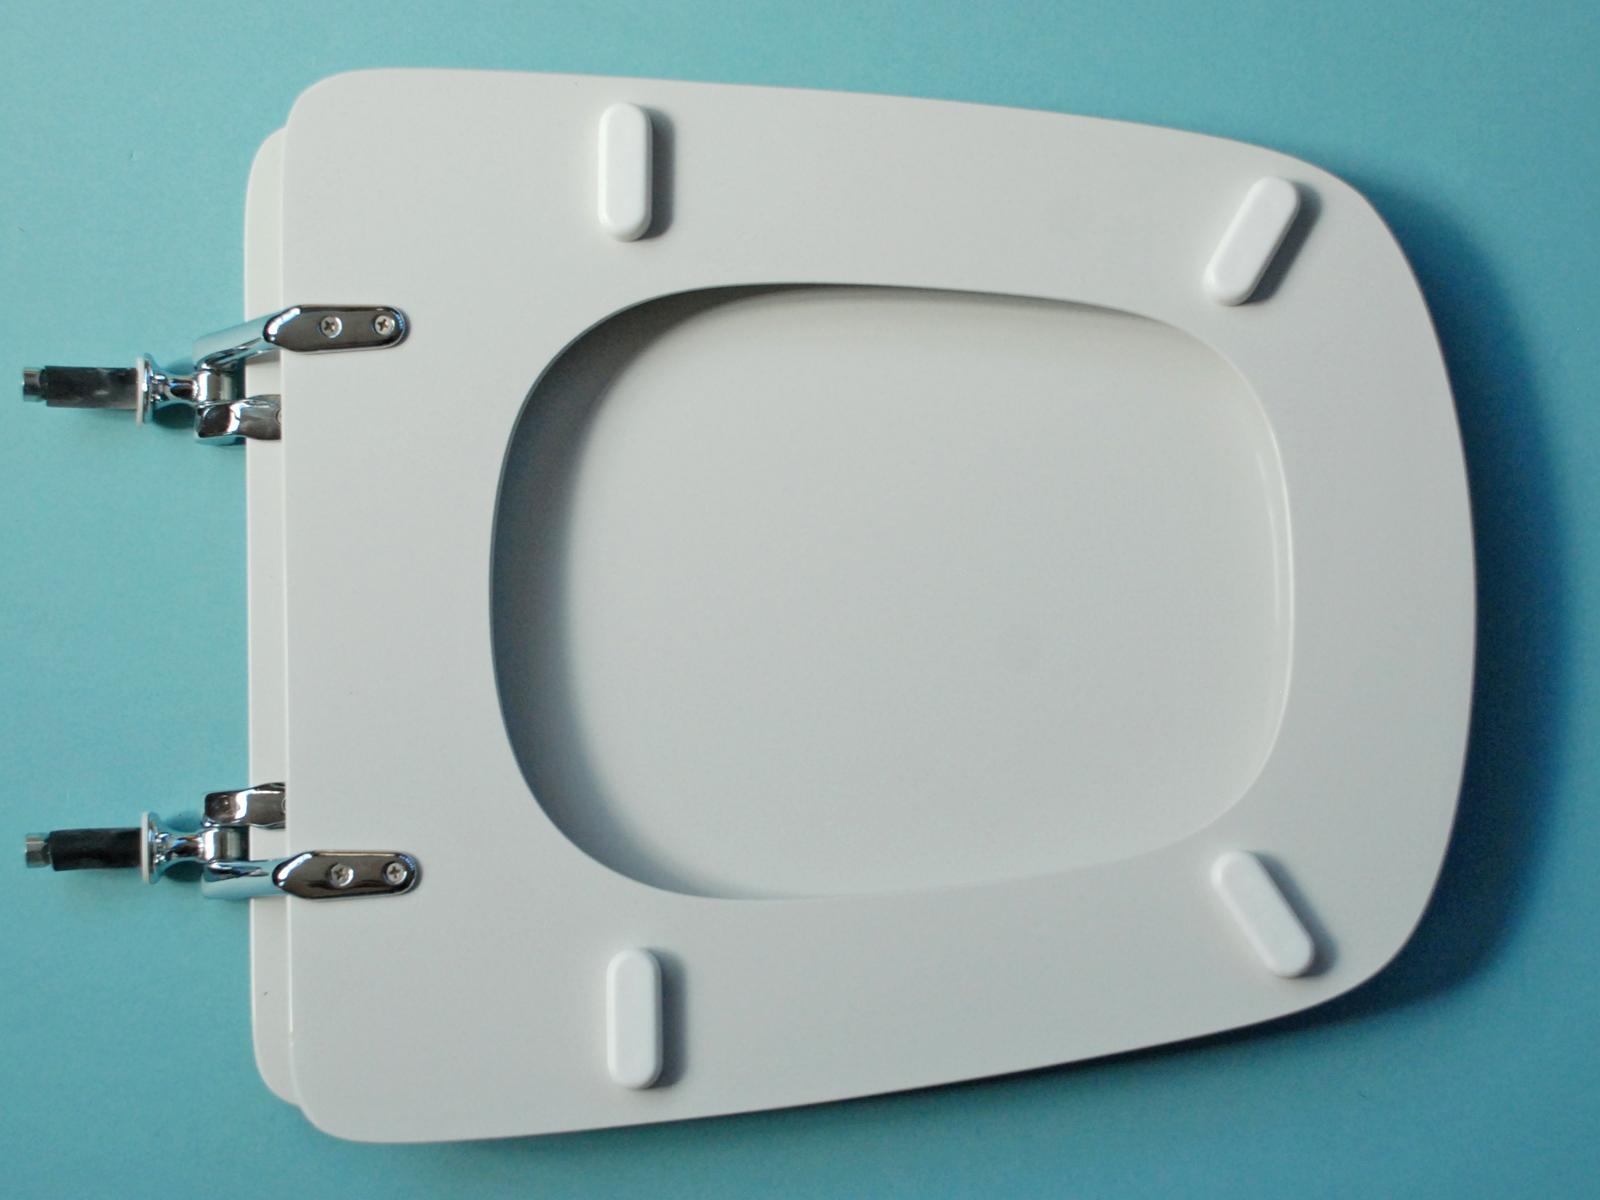 Sedili Wc Per Disabili : Sedile wc copriwater per modello aero bianco ideal marca ideal